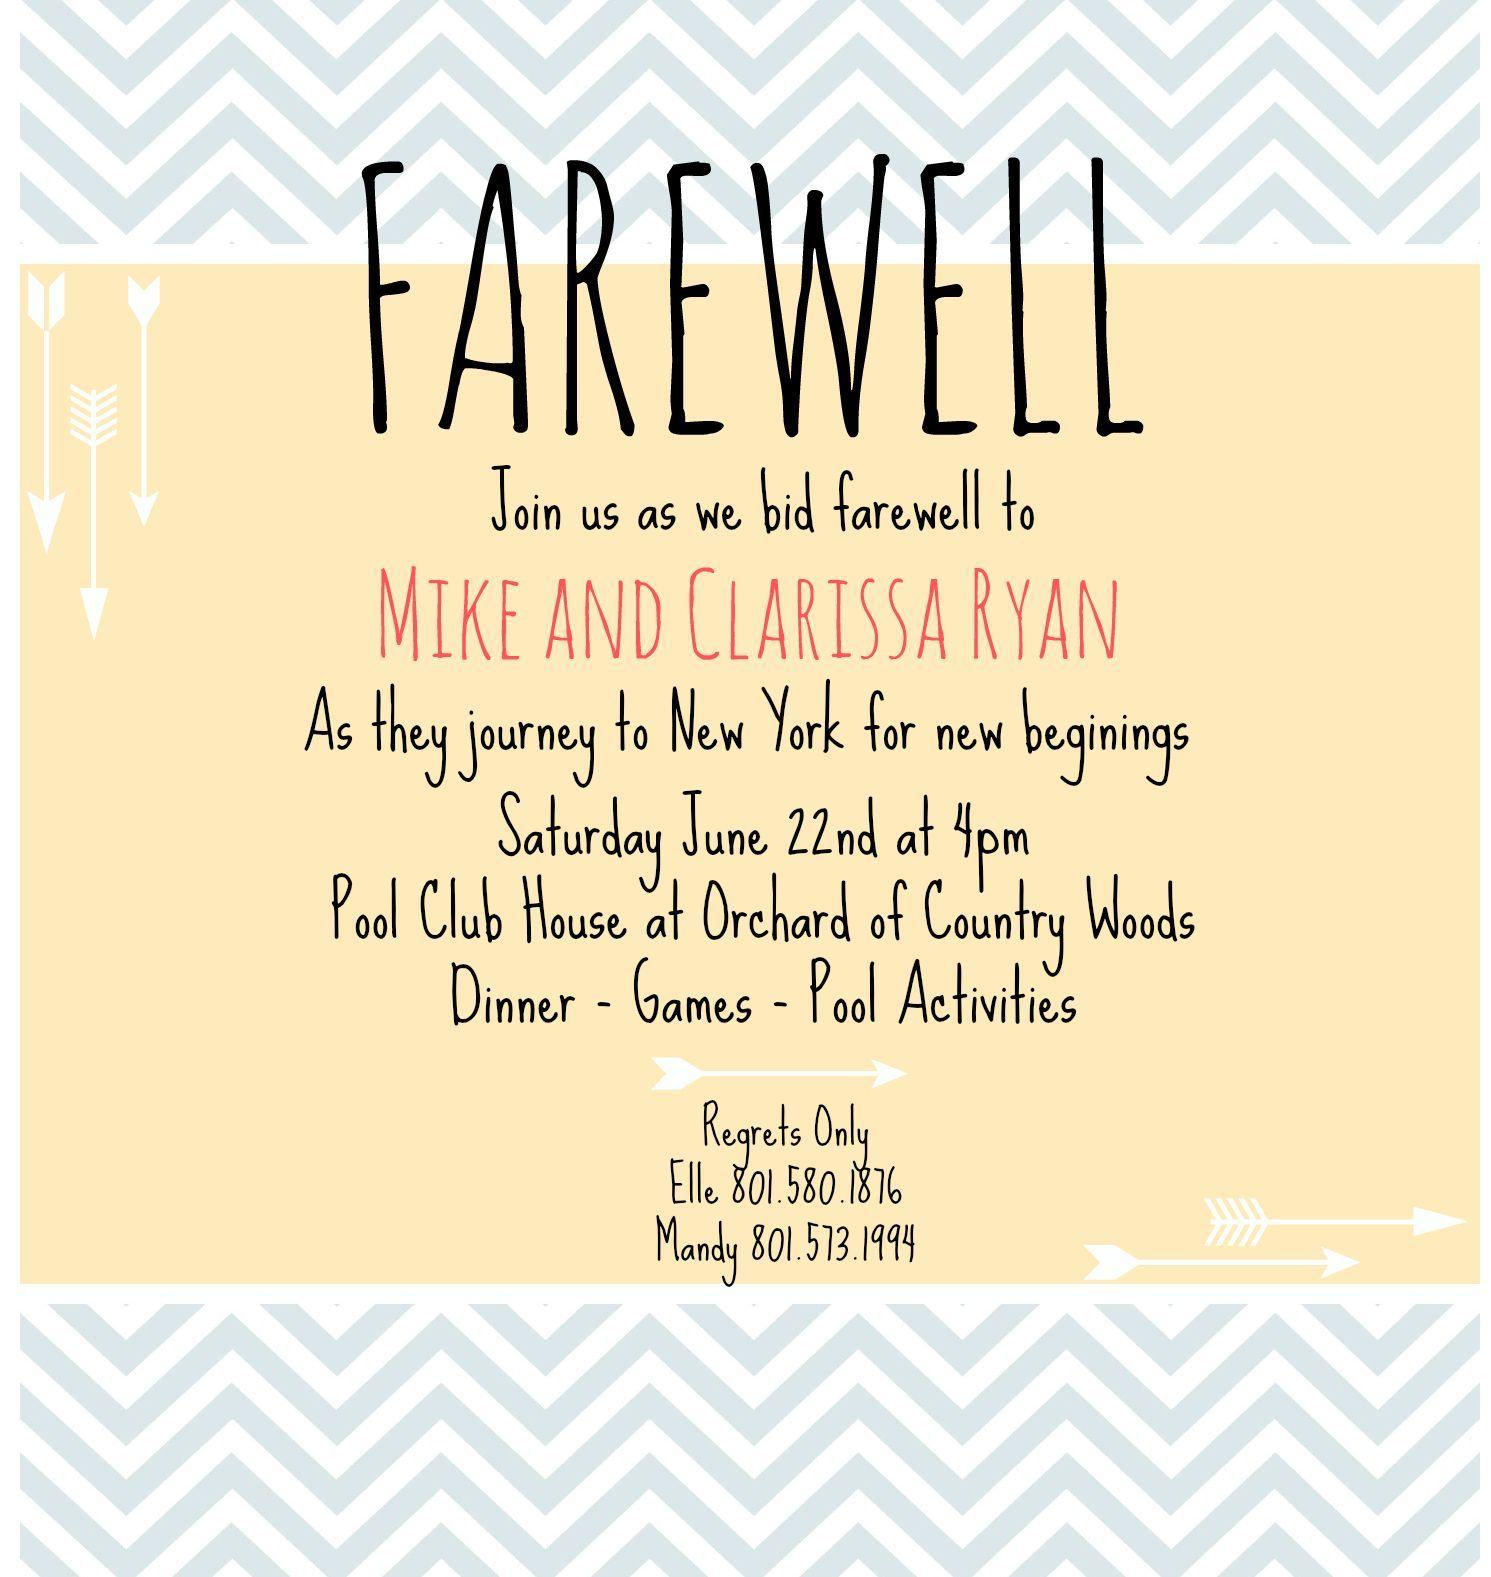 Farewell Invite Farewell Party Invitations Going Away For Farewell Invitati Farewell Invitation Card Going Away Party Invitations Farewell Party Invitations